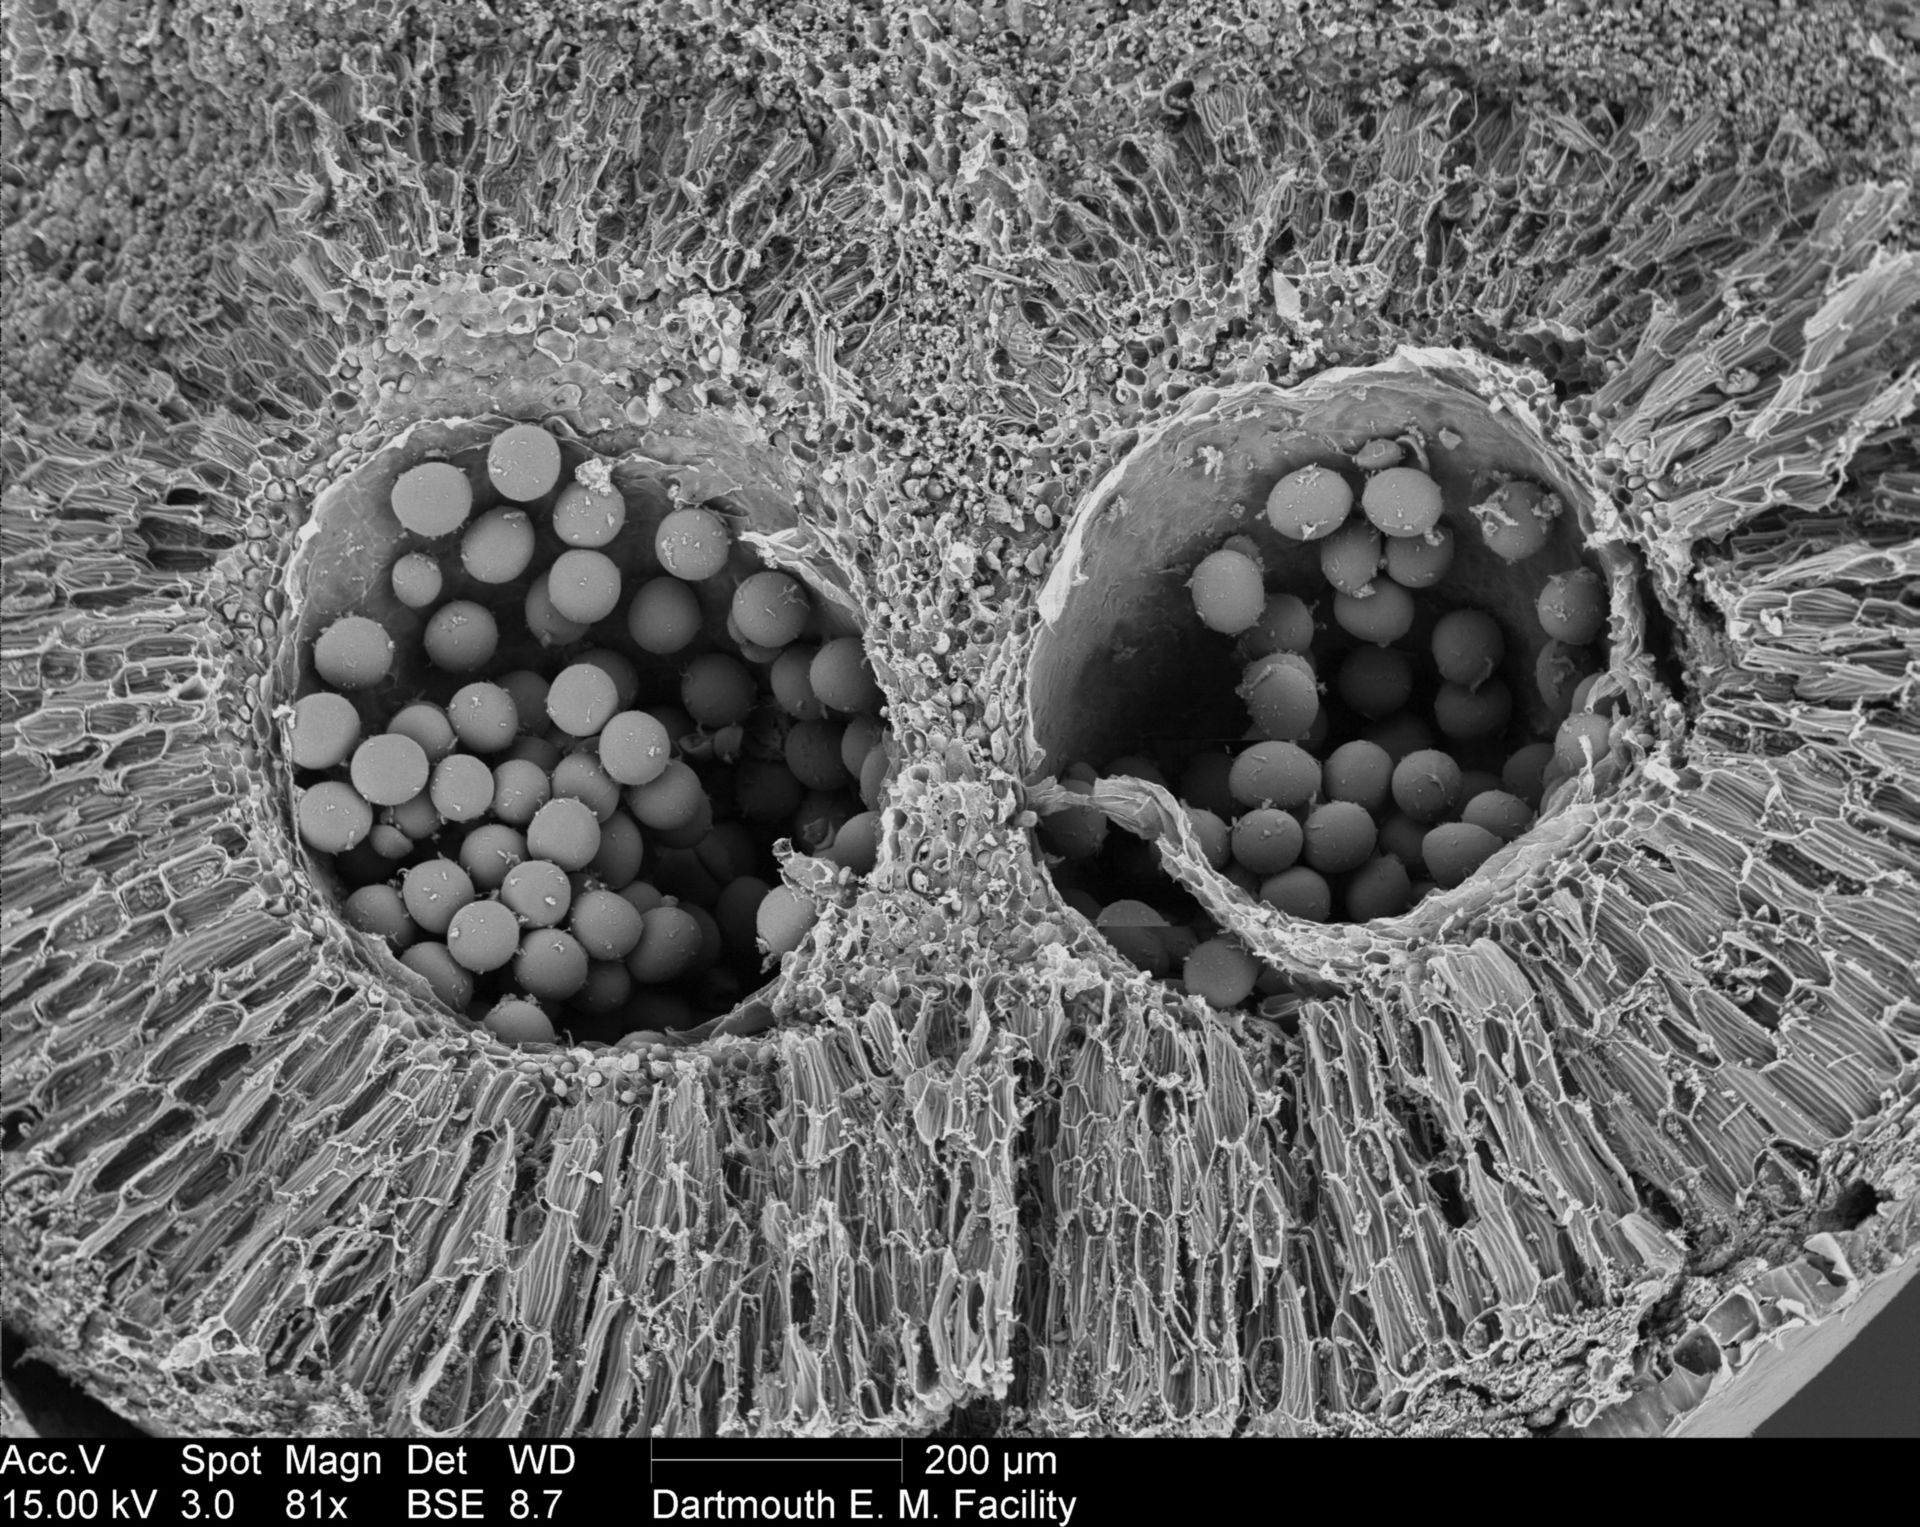 Amorphophallus titanum (Pollen surface) - CIL:39378